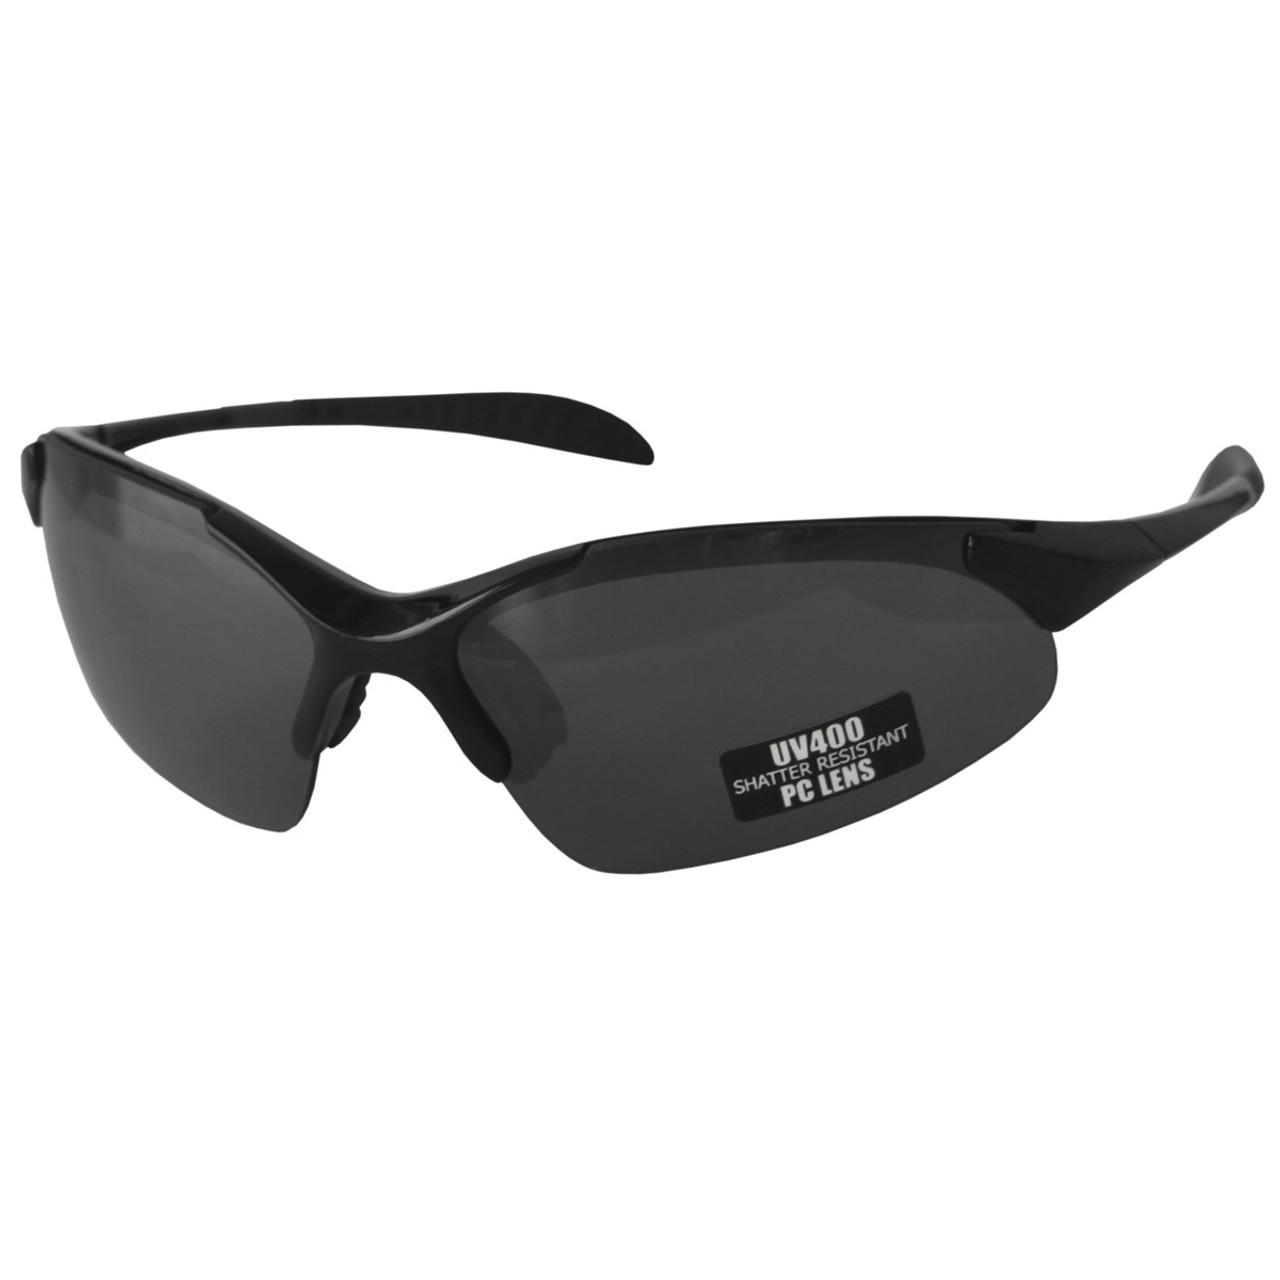 3de79a38e4 Tanel 360 T1s Baseball Softball Sunglasses - Tanel 360